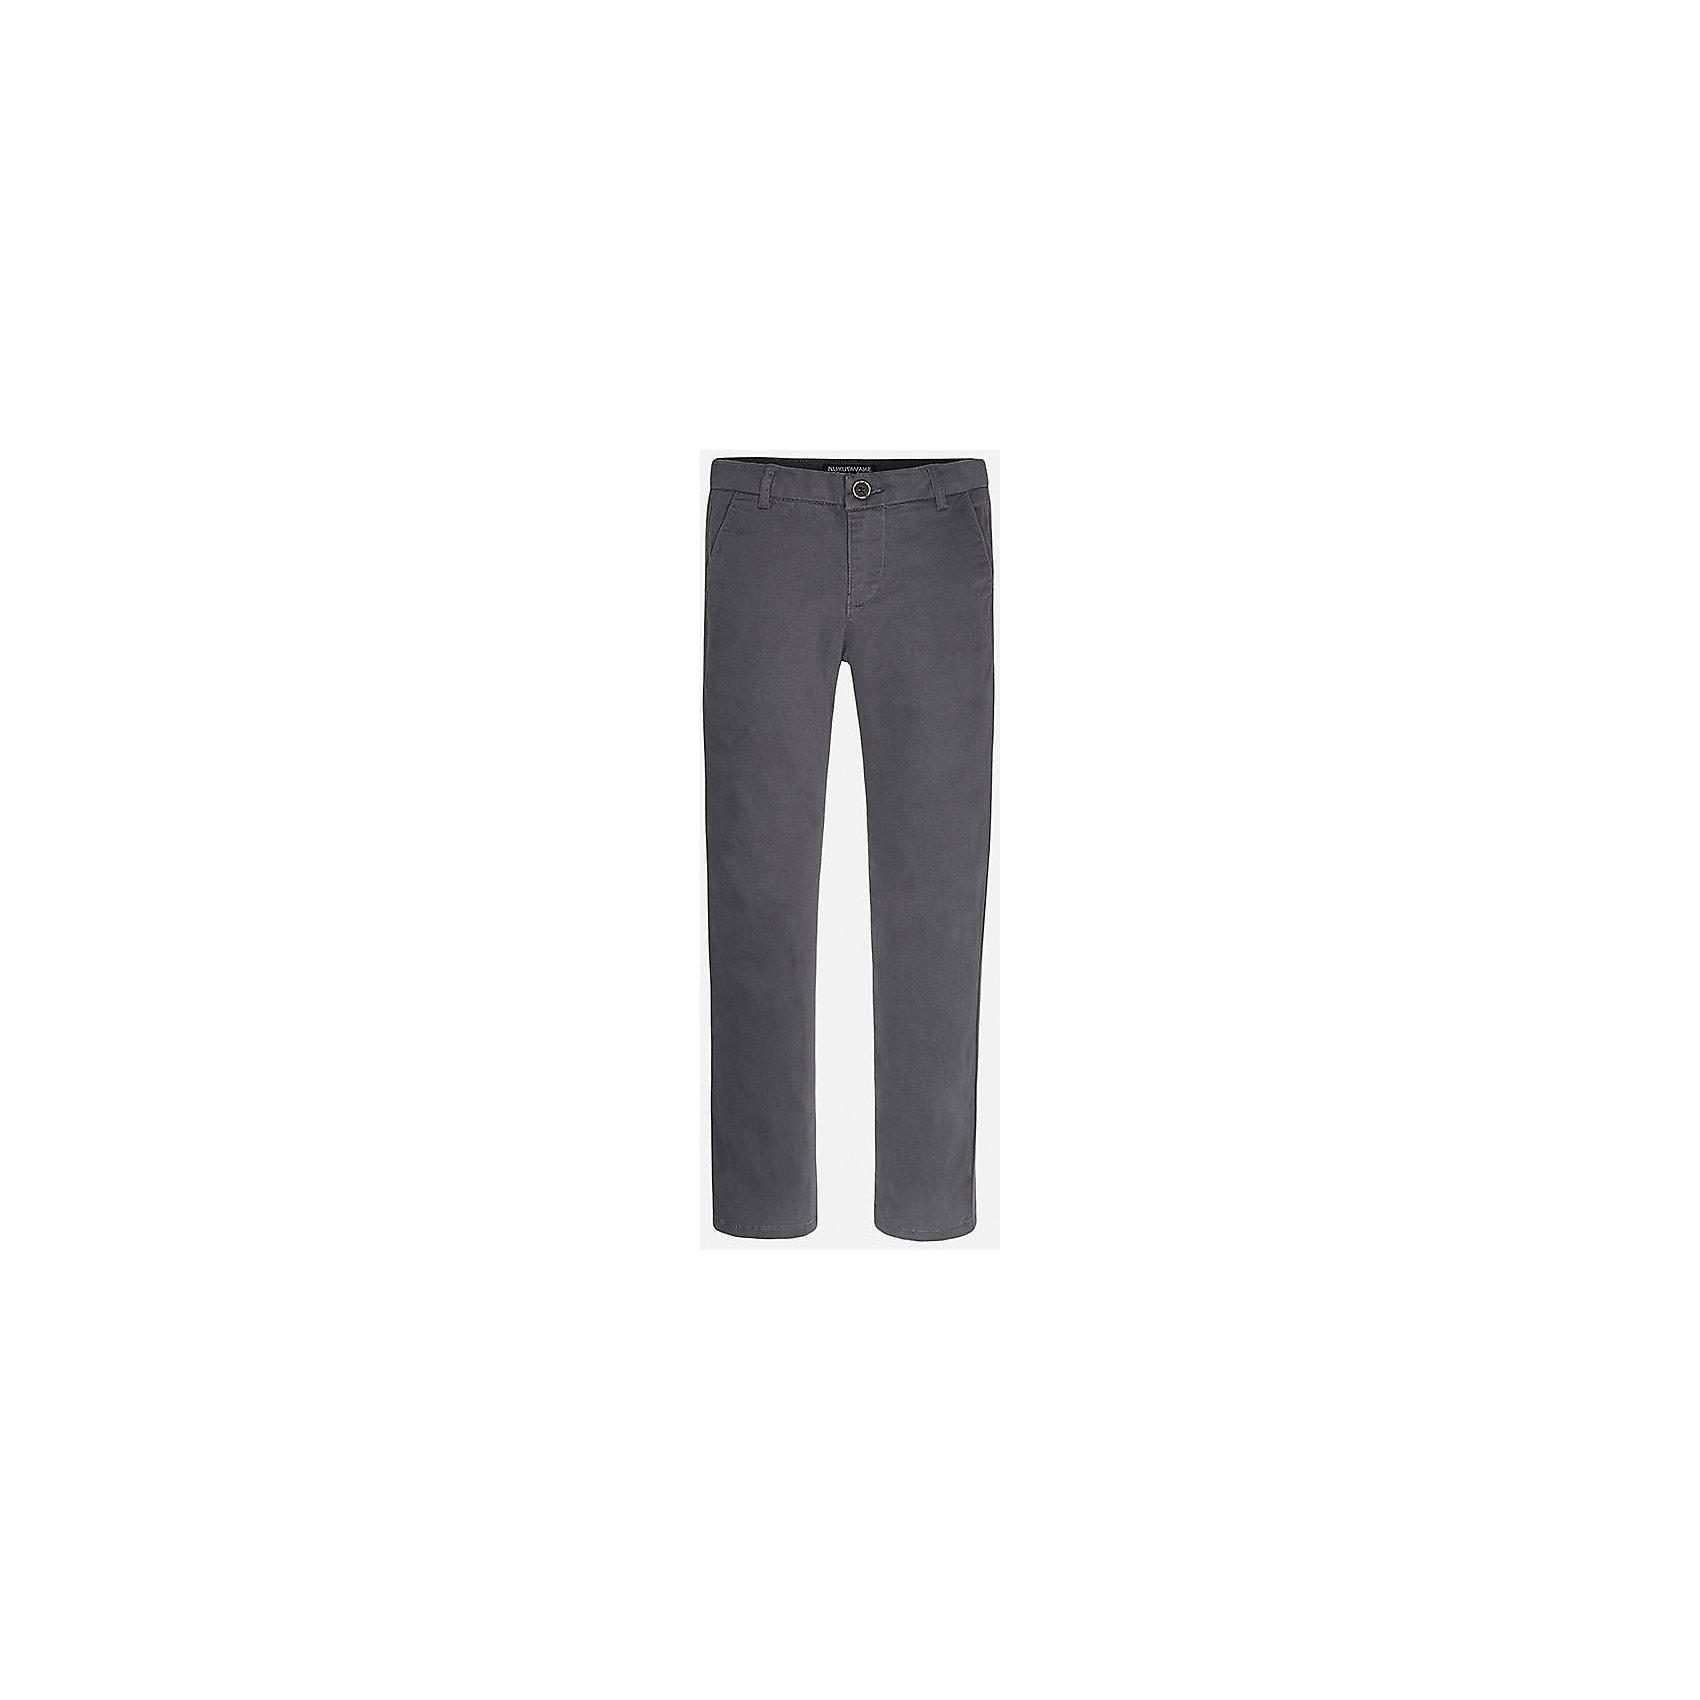 Брюки для мальчика MayoralХорошие, качественные брюки - это необходимый атрибут в гардеробе каждого человека!<br><br>Дополнительная информация:<br><br>- Крой: классический крой (Regular fit).<br>- Страна бренда: Испания.<br>- Состав: хлопок 97%, эластан 3%.<br>- Цвет: синий.<br>- Уход: бережная стирка при 30 градусах.<br><br>Купить брюки для мальчика Mayoral можно в нашем магазине.<br><br>Ширина мм: 215<br>Глубина мм: 88<br>Высота мм: 191<br>Вес г: 336<br>Цвет: серый<br>Возраст от месяцев: 168<br>Возраст до месяцев: 180<br>Пол: Мужской<br>Возраст: Детский<br>Размер: 164/170,140/146,128/134,146/152,152/158,158/164<br>SKU: 4826687